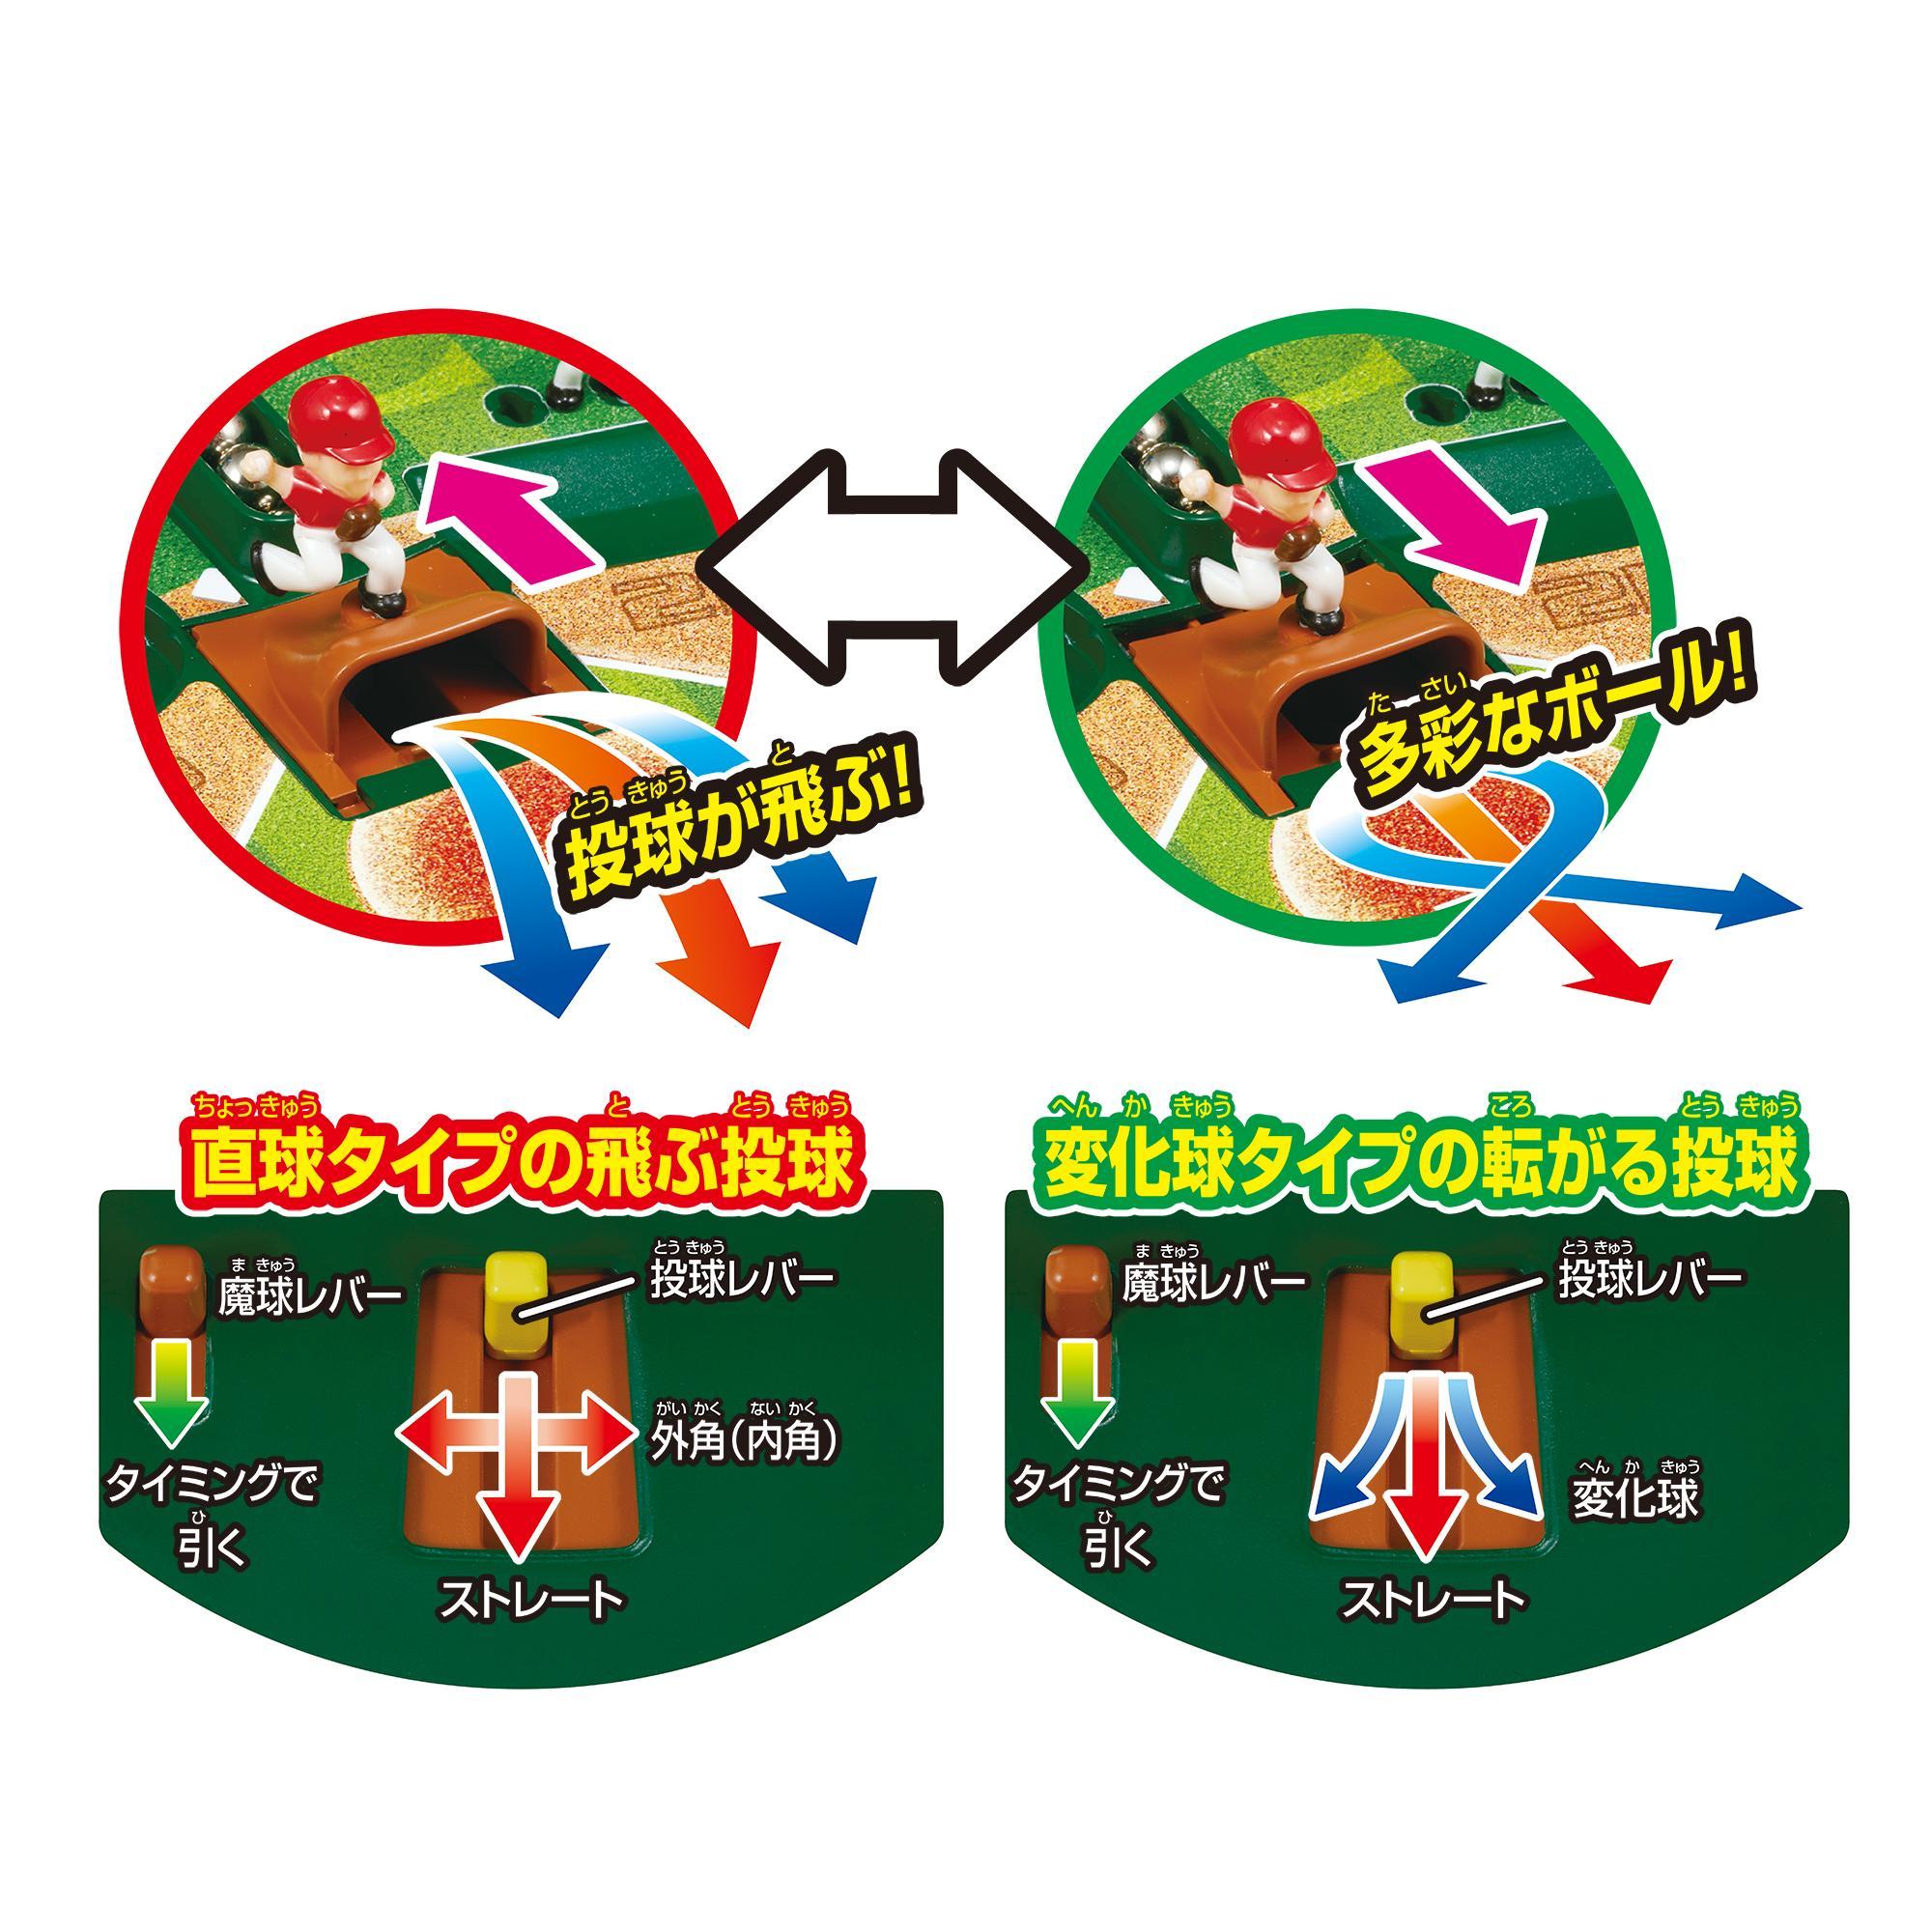 ビックカメラ.com   エポック社 EPOCH 野球盤 3D …